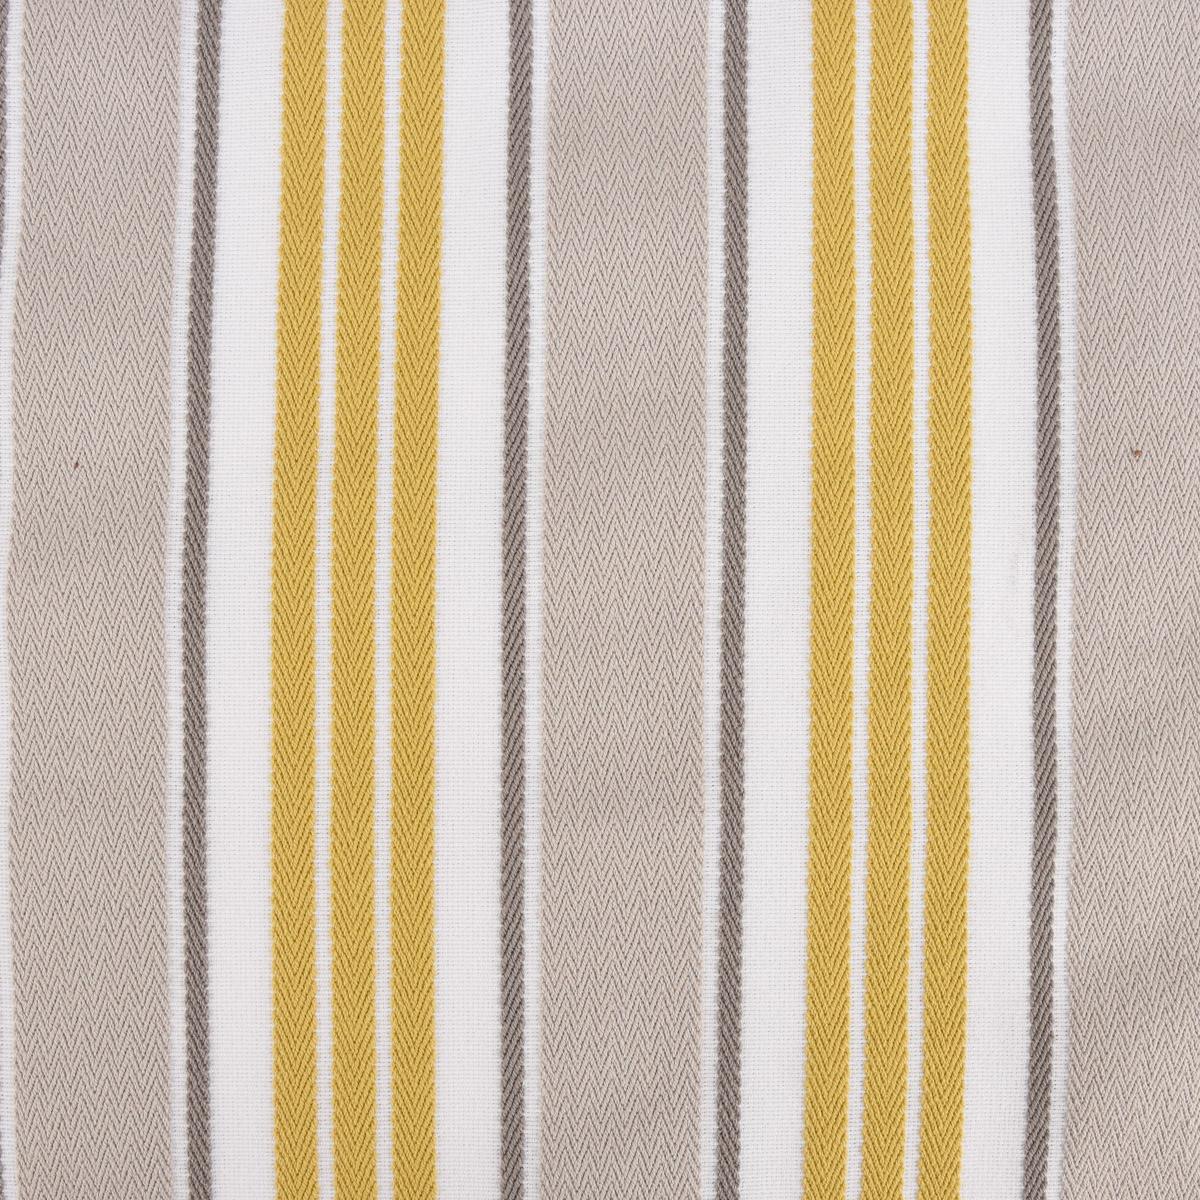 Fryett`s Englischer Dekostoff Polsterstoff Princeton Streifen gelb grau 138cm Breite